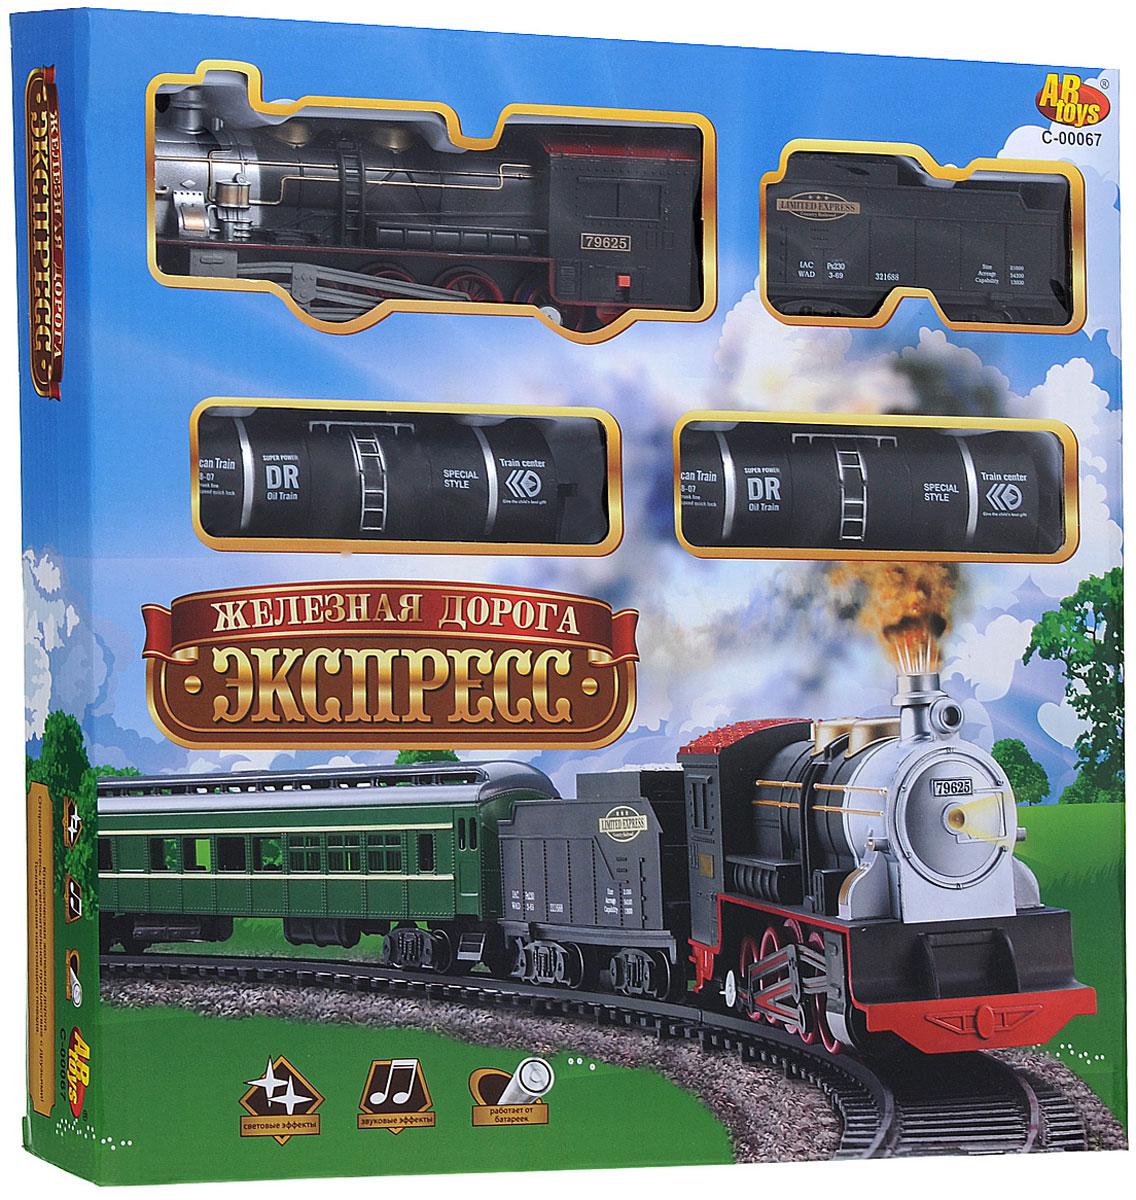 ABtoys Железная дорога Экспресс 16 элементовC-00067 (A36-22)Классическая железная дорога Экспресс приведет в восторг вашего малыша. Набор включает реалистичный паровозик, грузовой вагон, 2 цистерны и 12 элементов для сборки железной дороги. Паровозик активизируется, если передвинуть переключатель в положение On. Во время его перемещения воспроизводятся звуки и подсвечивается прожектор. Железная дорога Экспресс позволит ребенку не только получать удовольствие от игры, но и развивать пространственное воображение, мелкую моторику рук и координацию движений. Порадуйте его таким замечательным подарком! Для работы паровозика необходимо докупить 2 батарейки напряжением 1,5V типа АА (не входят в комплект).